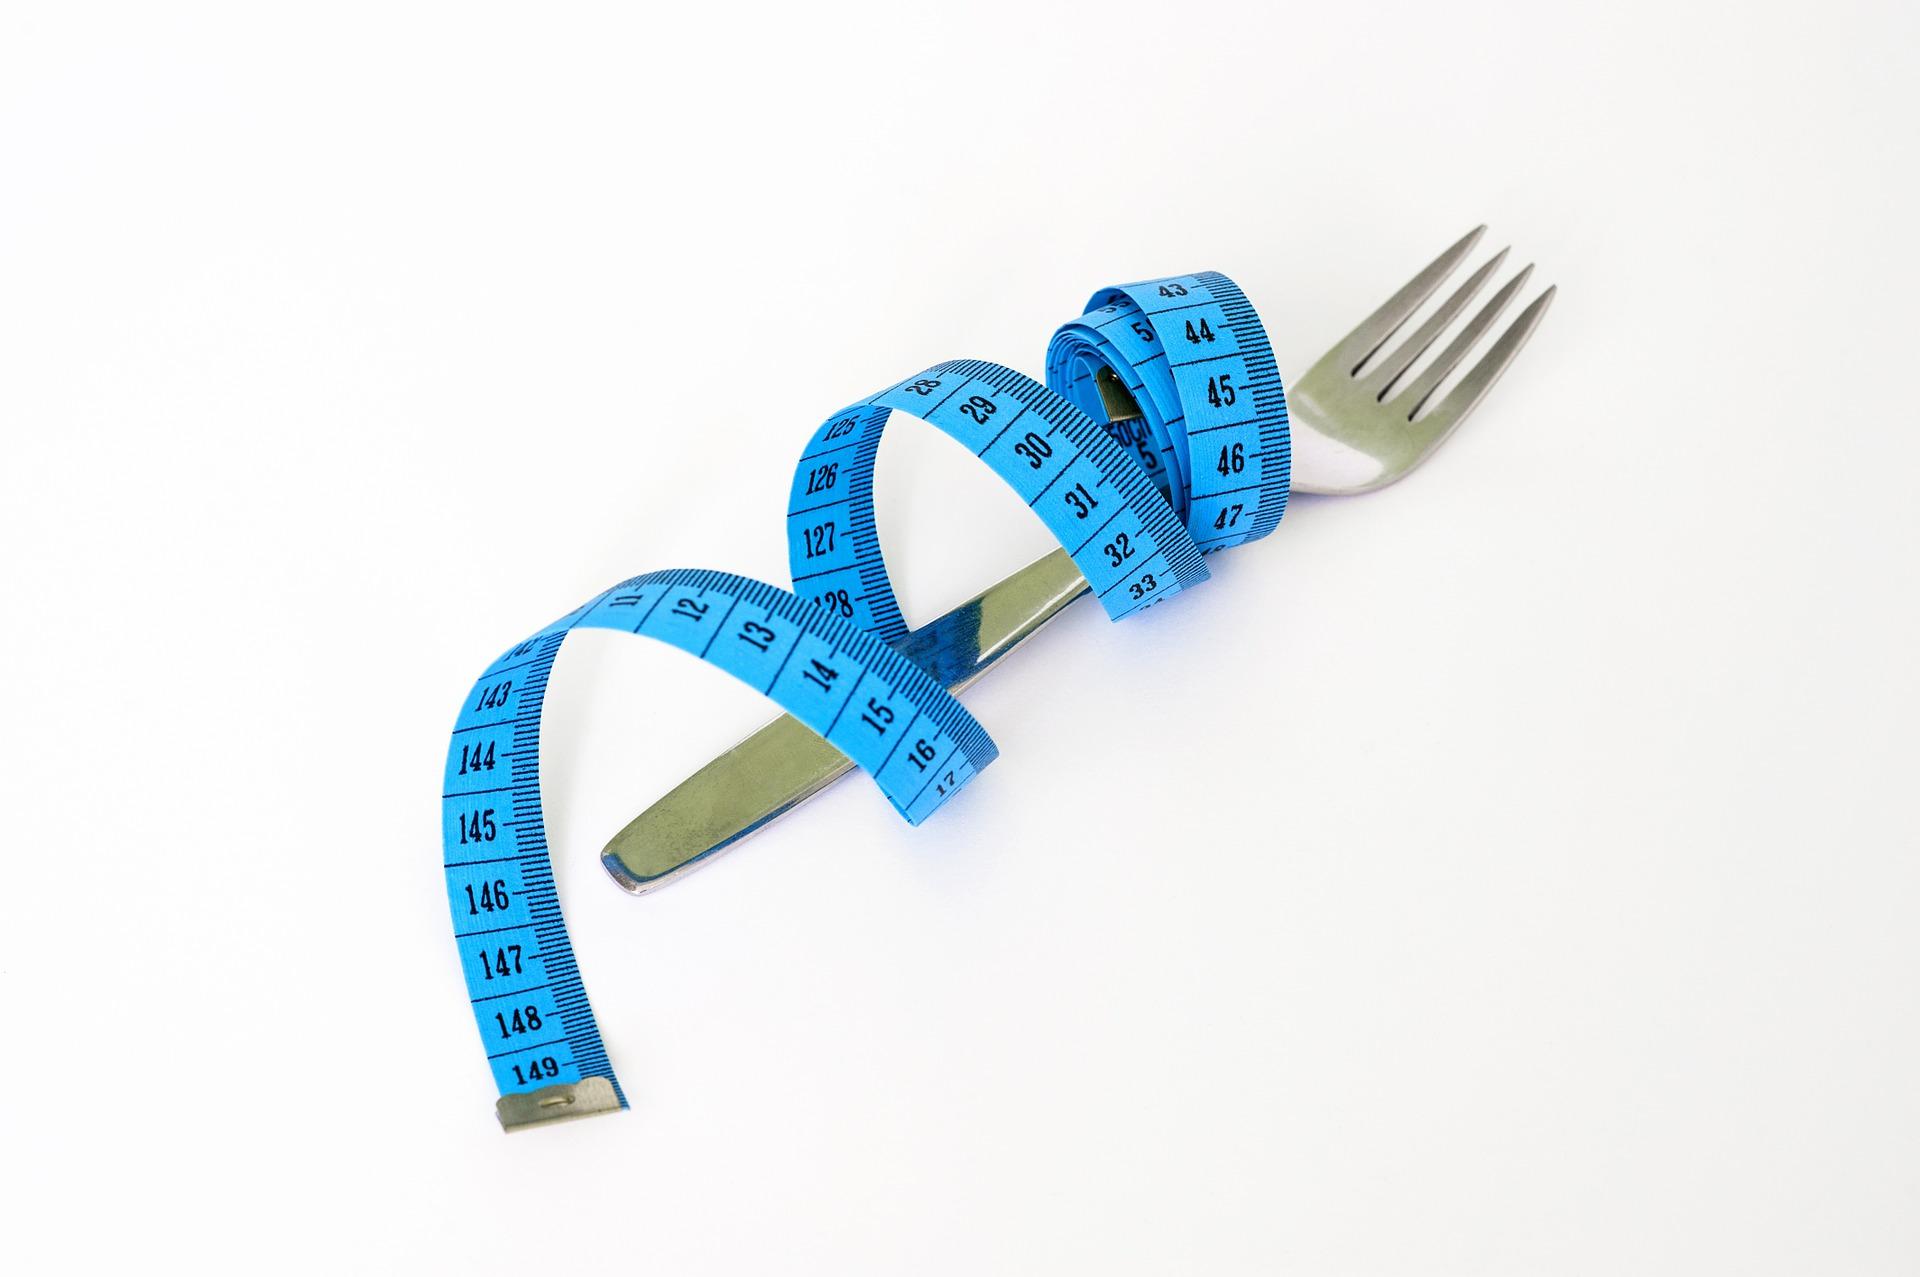 但是餓也不代表正在瘦喔~~ 記得每天一定要吃到基礎代謝量